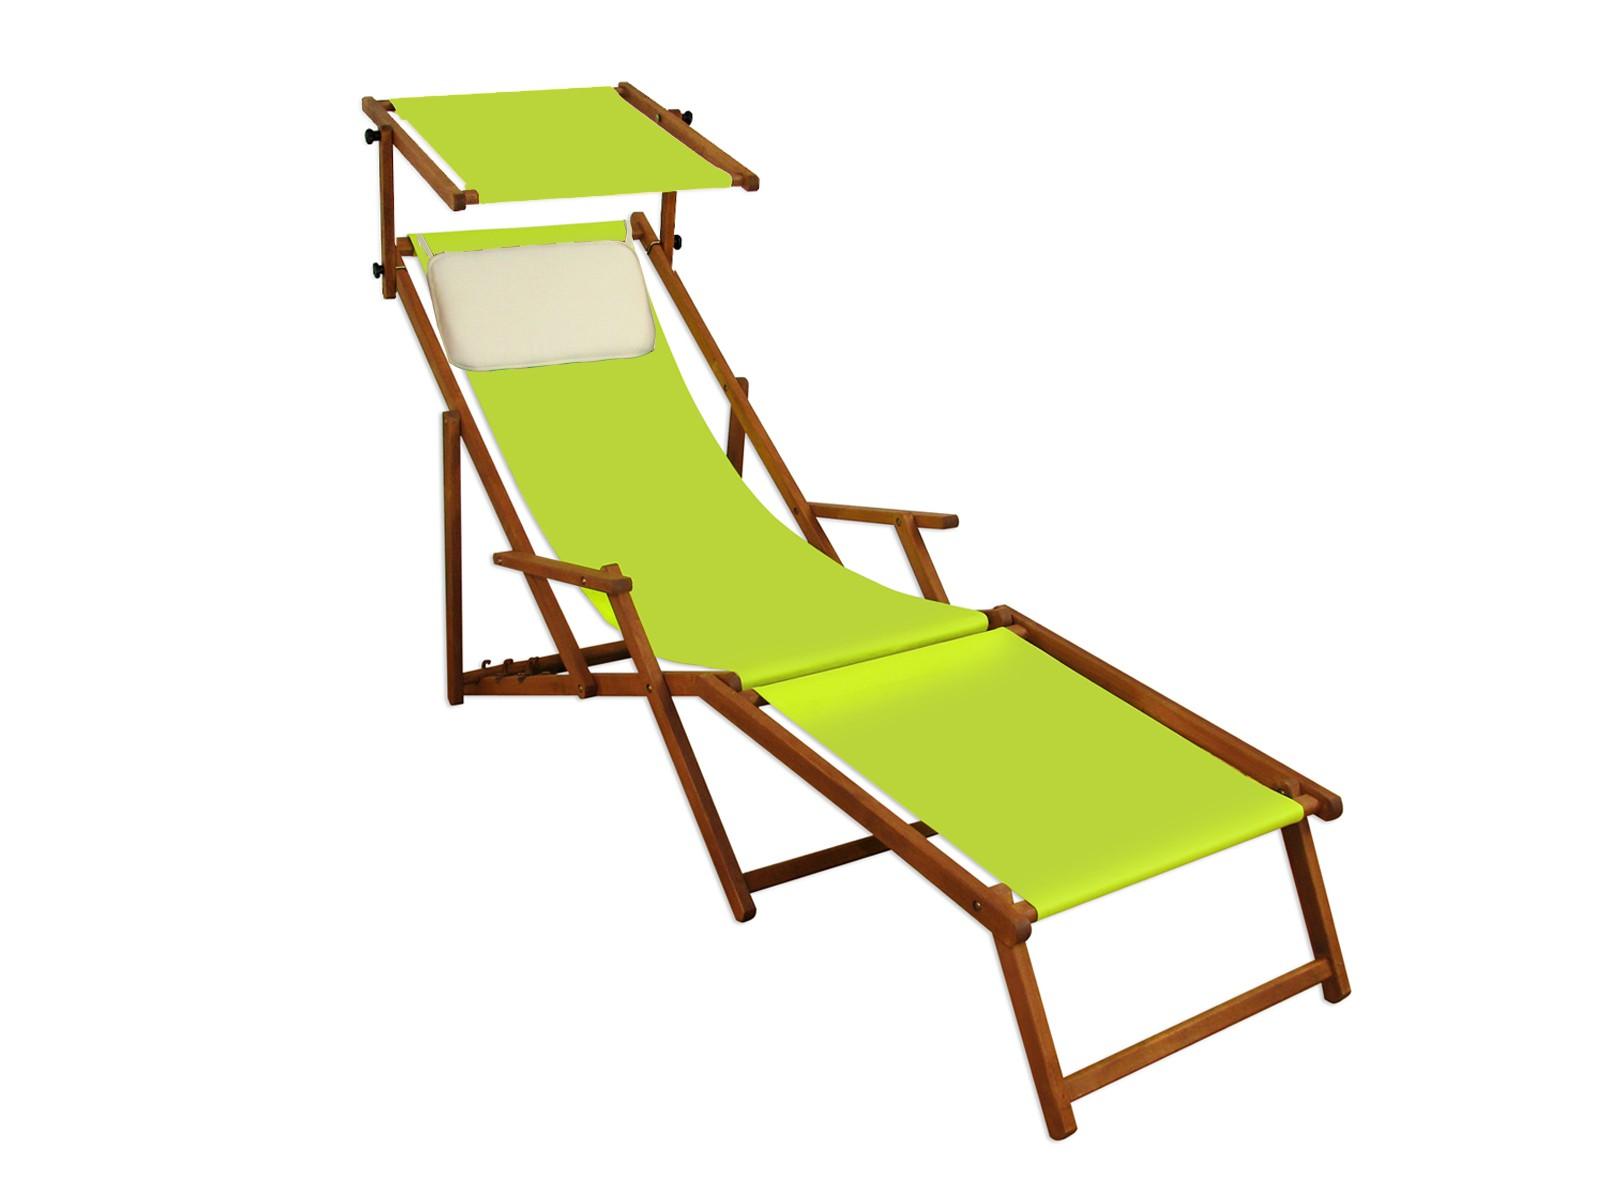 Full Size of Sonnenliege Pistazie Liegestuhl Futeil Sonnendach Kissen Holz Garten Spielhaus Holzhäuser Bett Regal Massivholz Esstisch Ausziehbar Bad Waschtisch Wohnzimmer Liegestuhl Holz